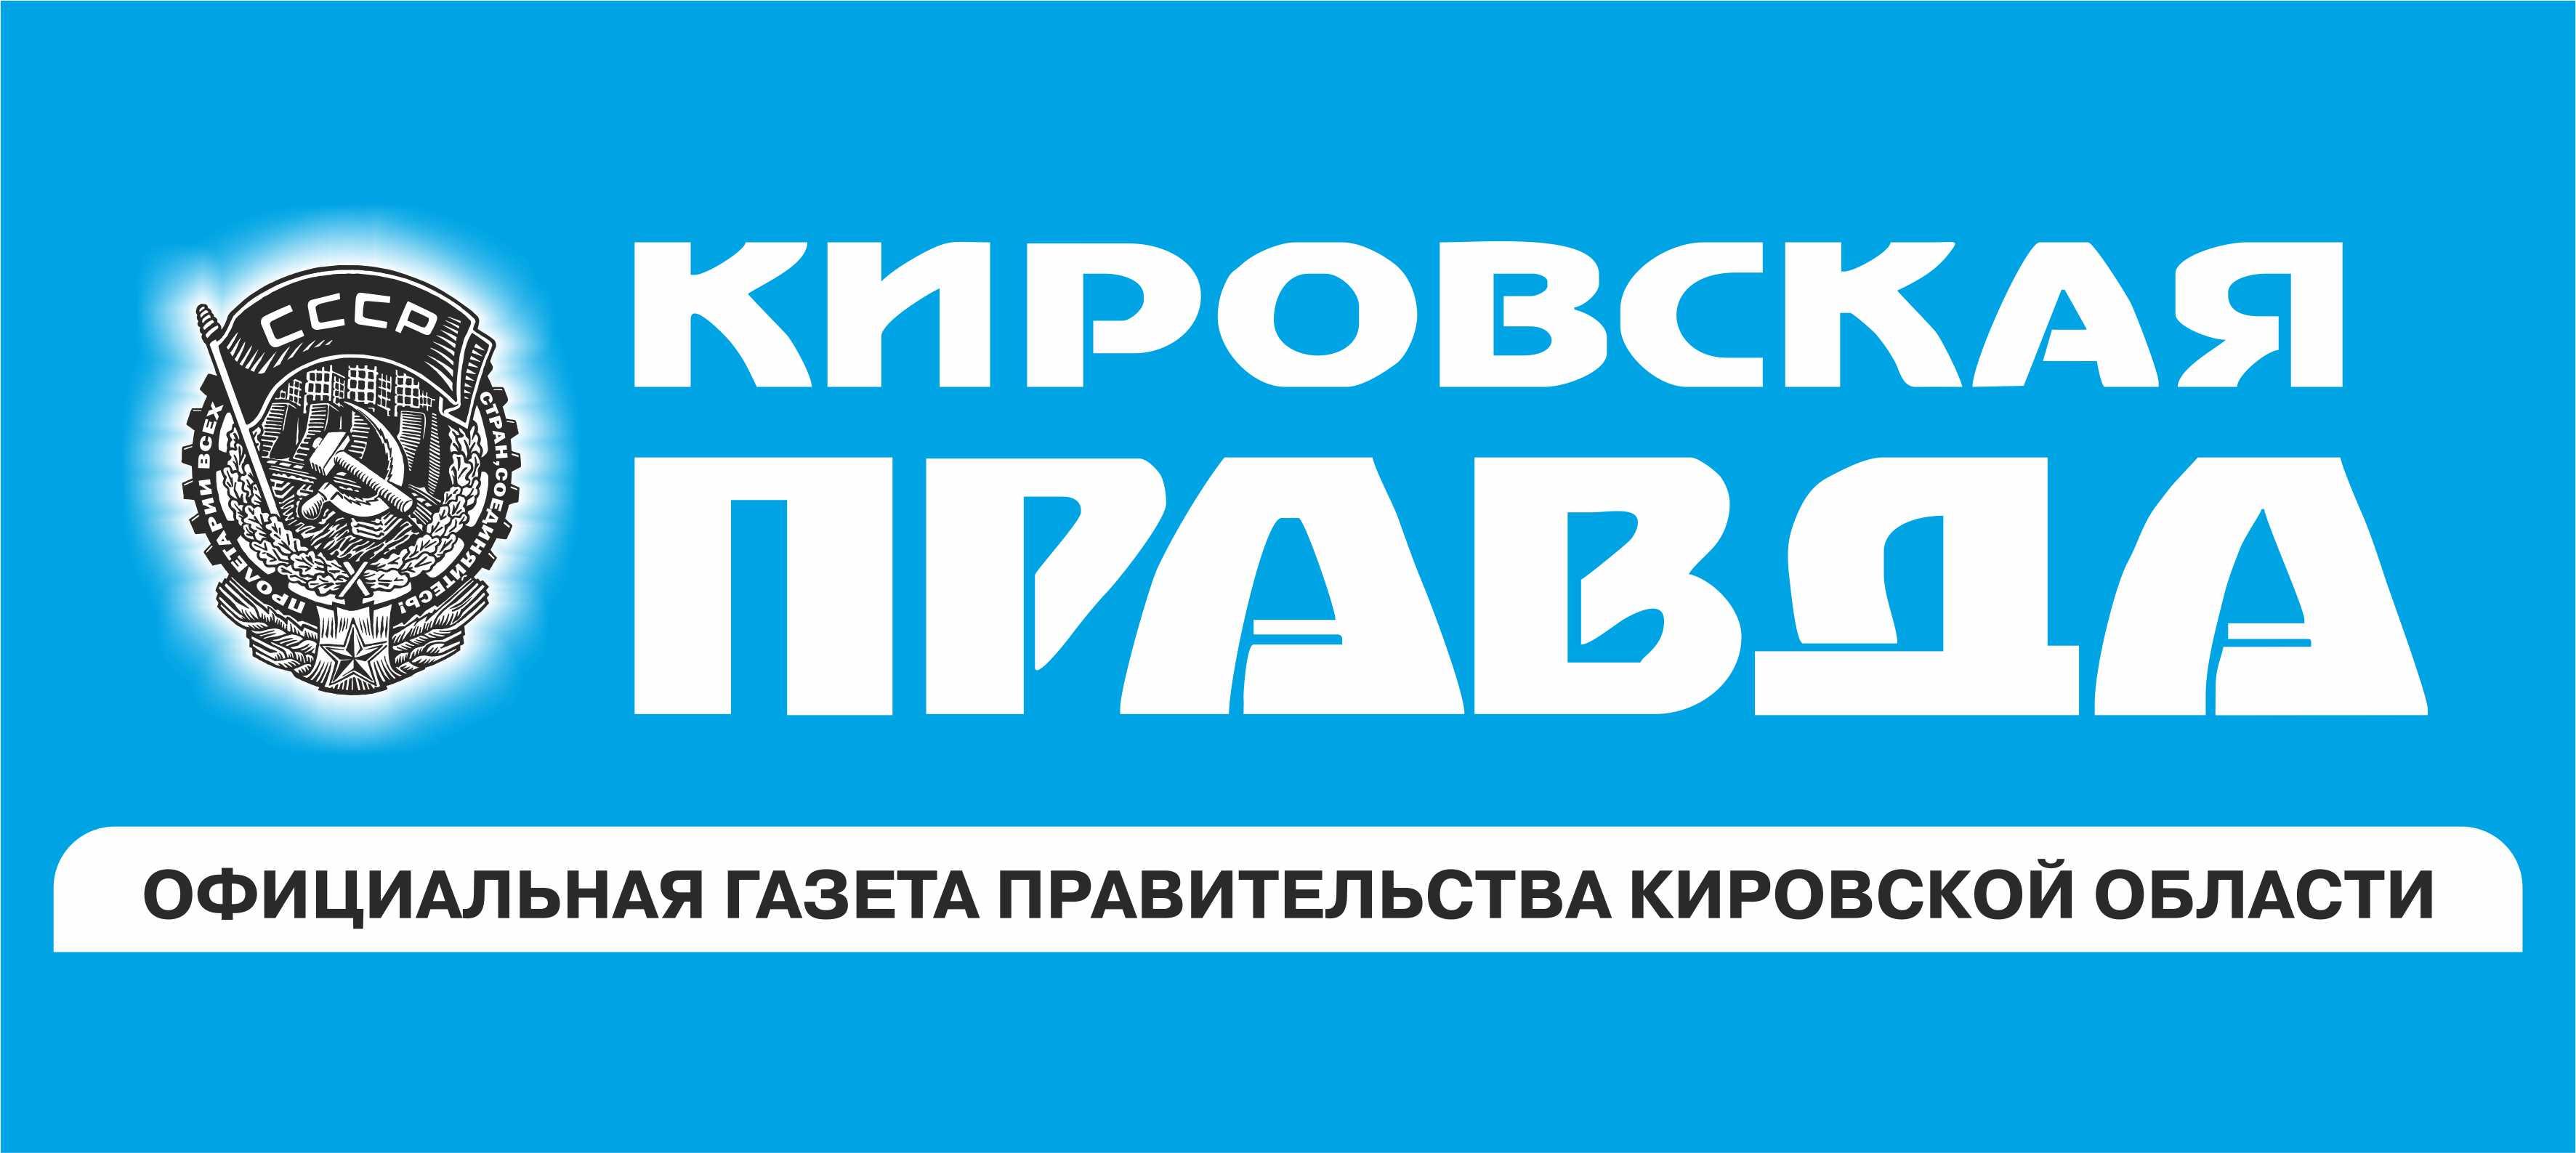 сайт газеты Правительства Кировской области